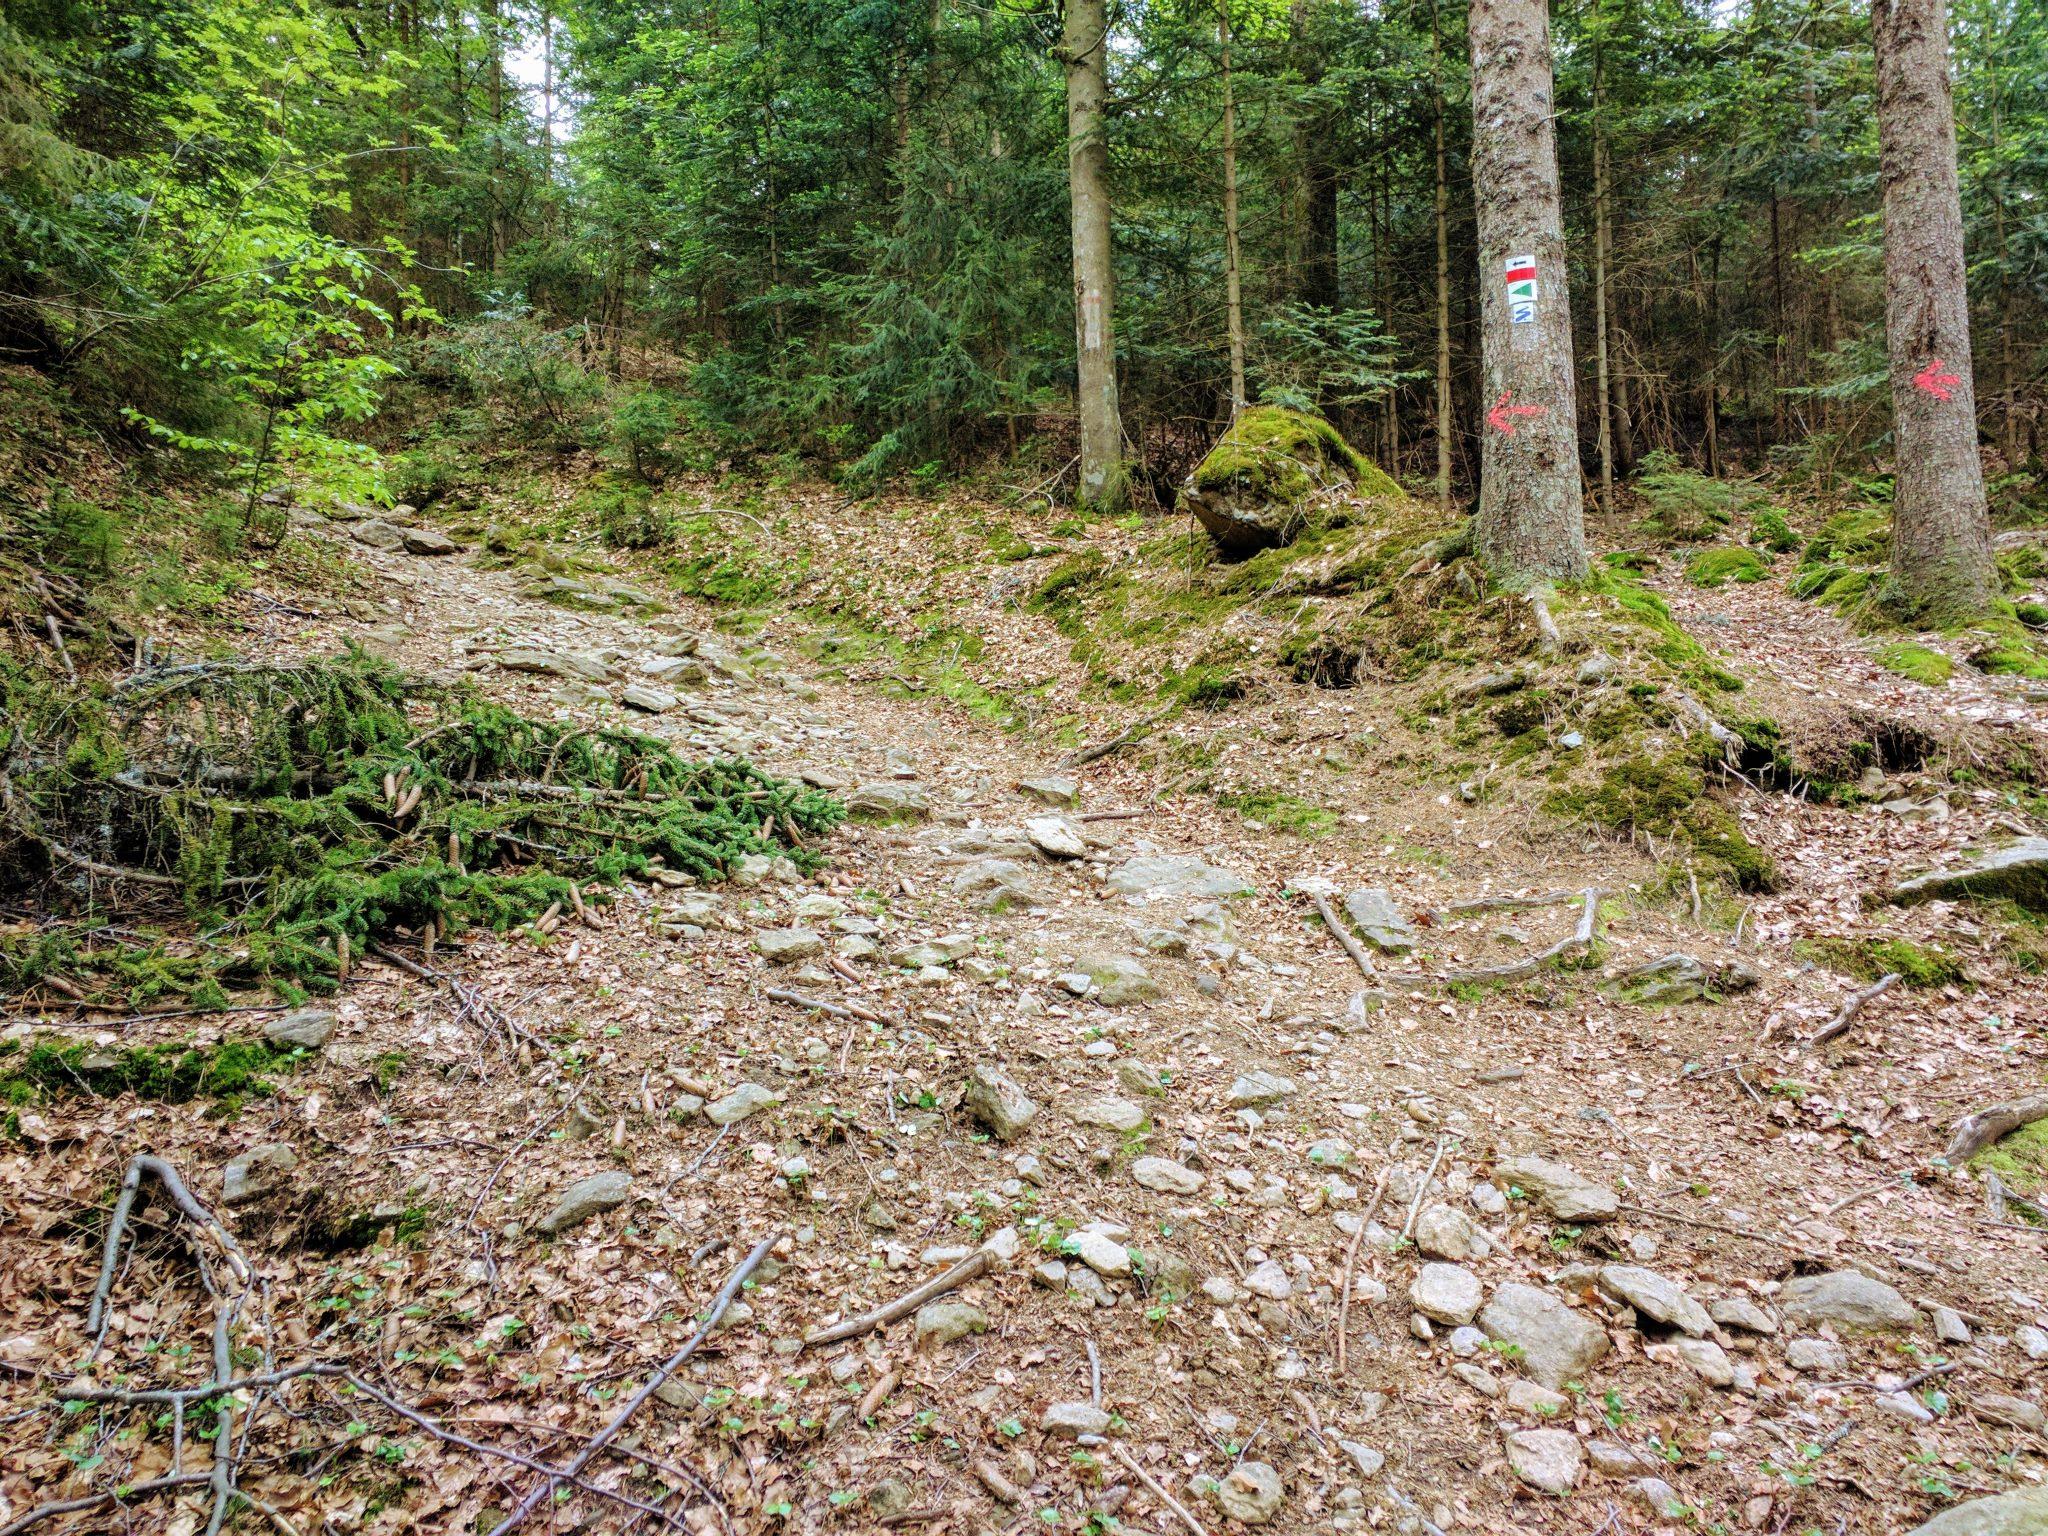 Der LO 3 bietet einige Herausforderungen, wie dieses Steilstück kurz vor dem Wasserfall